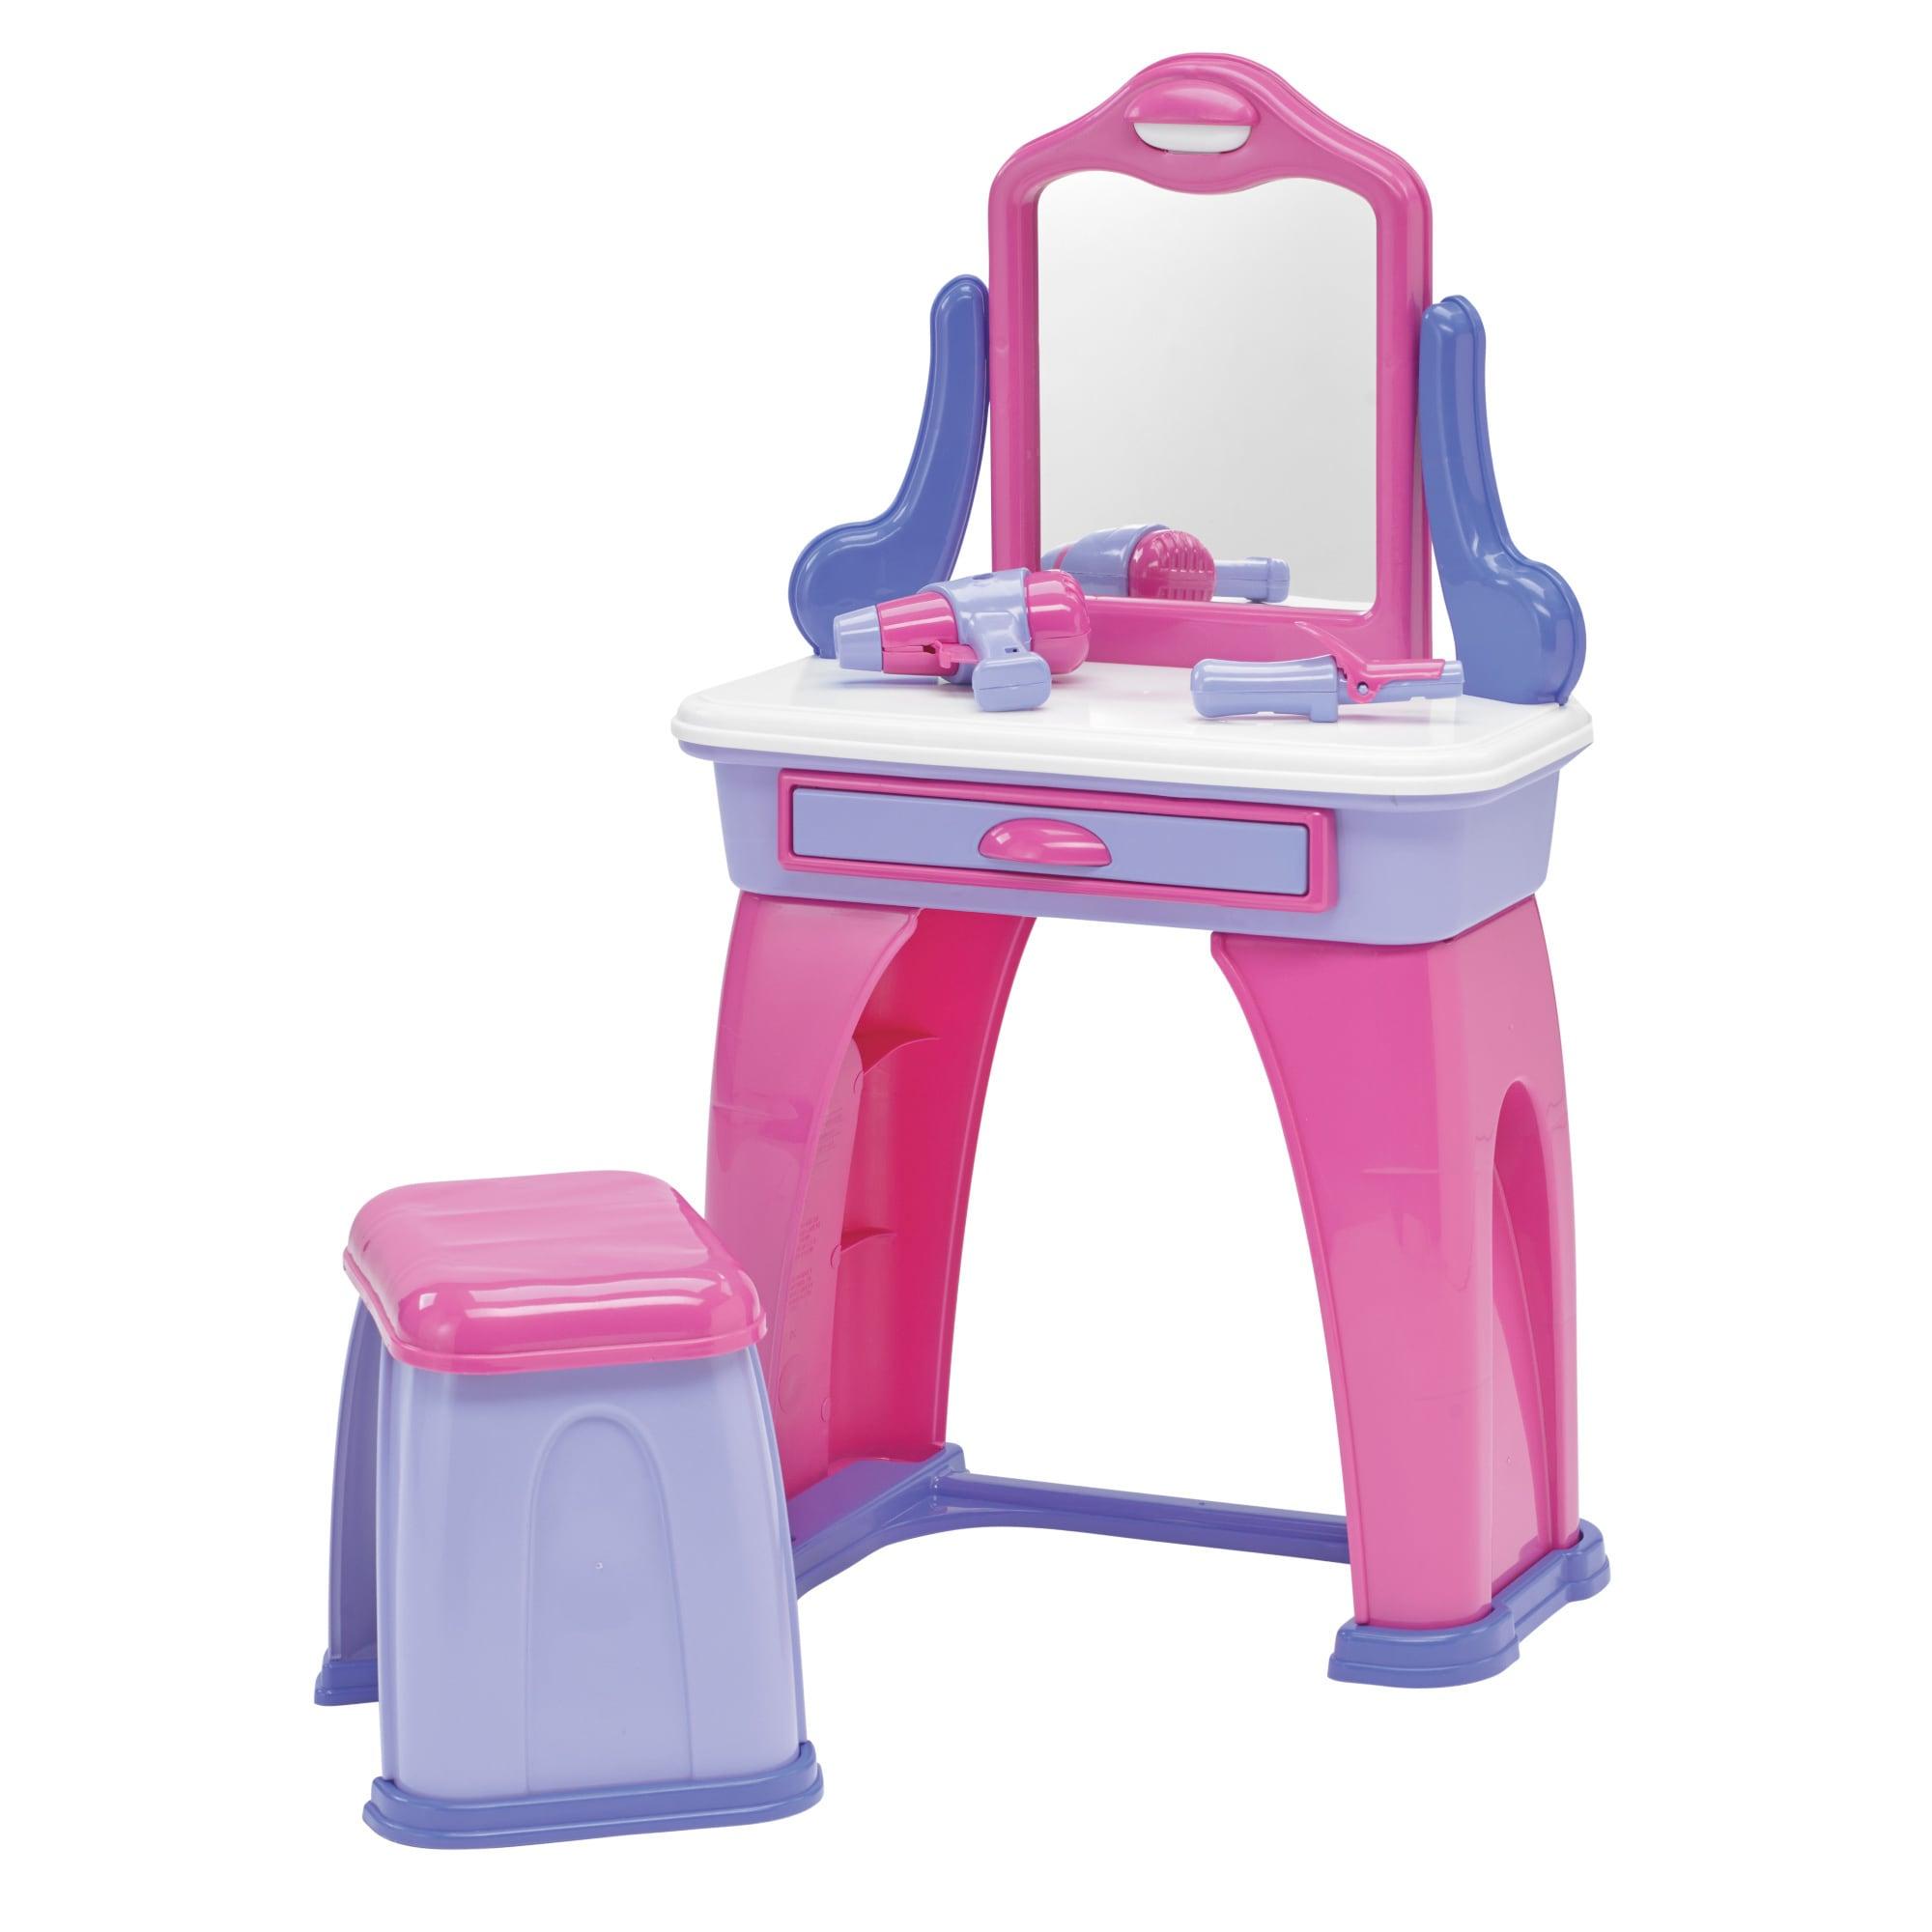 American Plastic Toys My Very Own Vanity Play Set